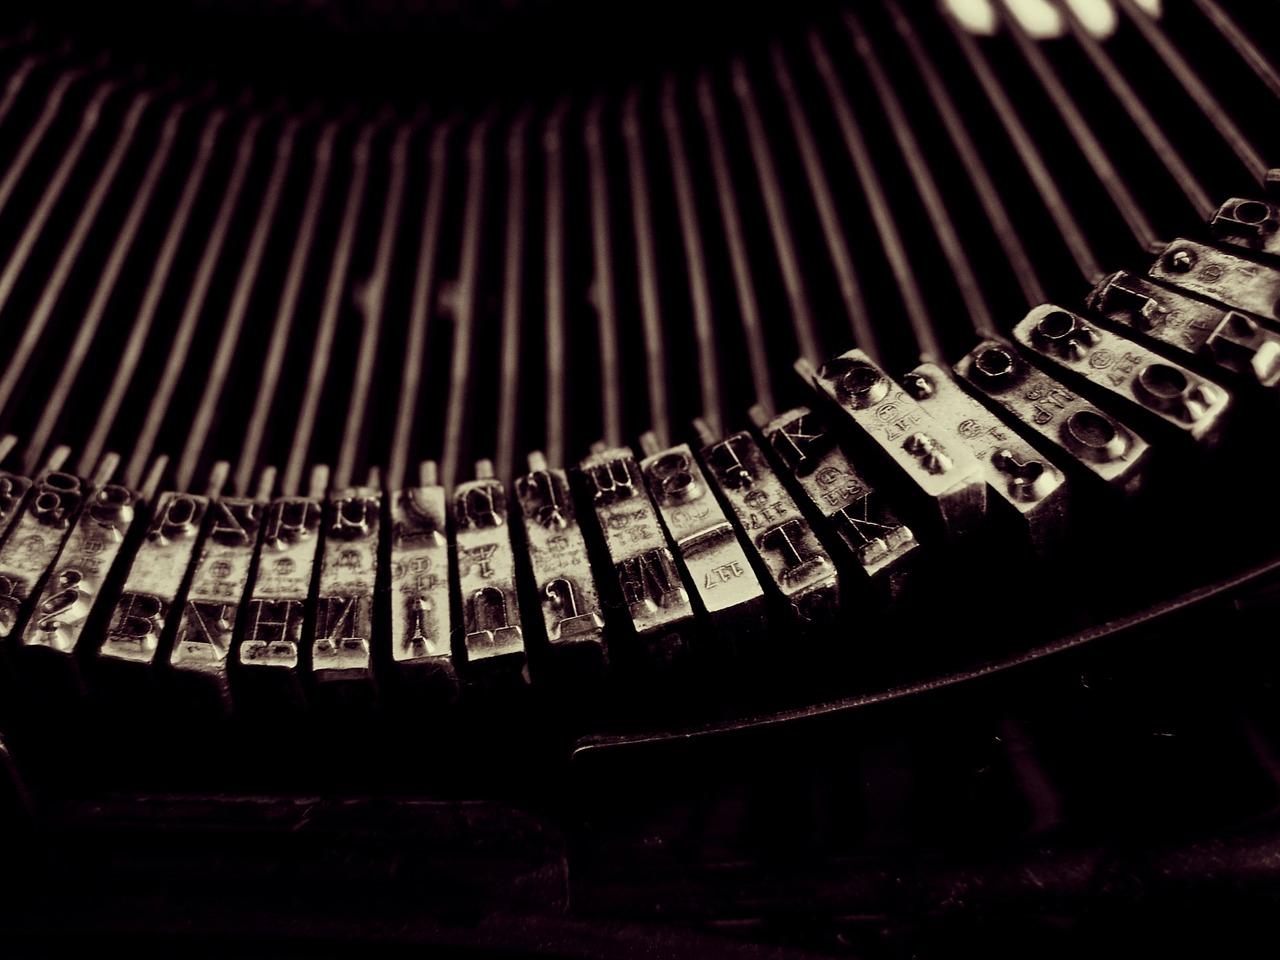 typewriter-1245894_1280